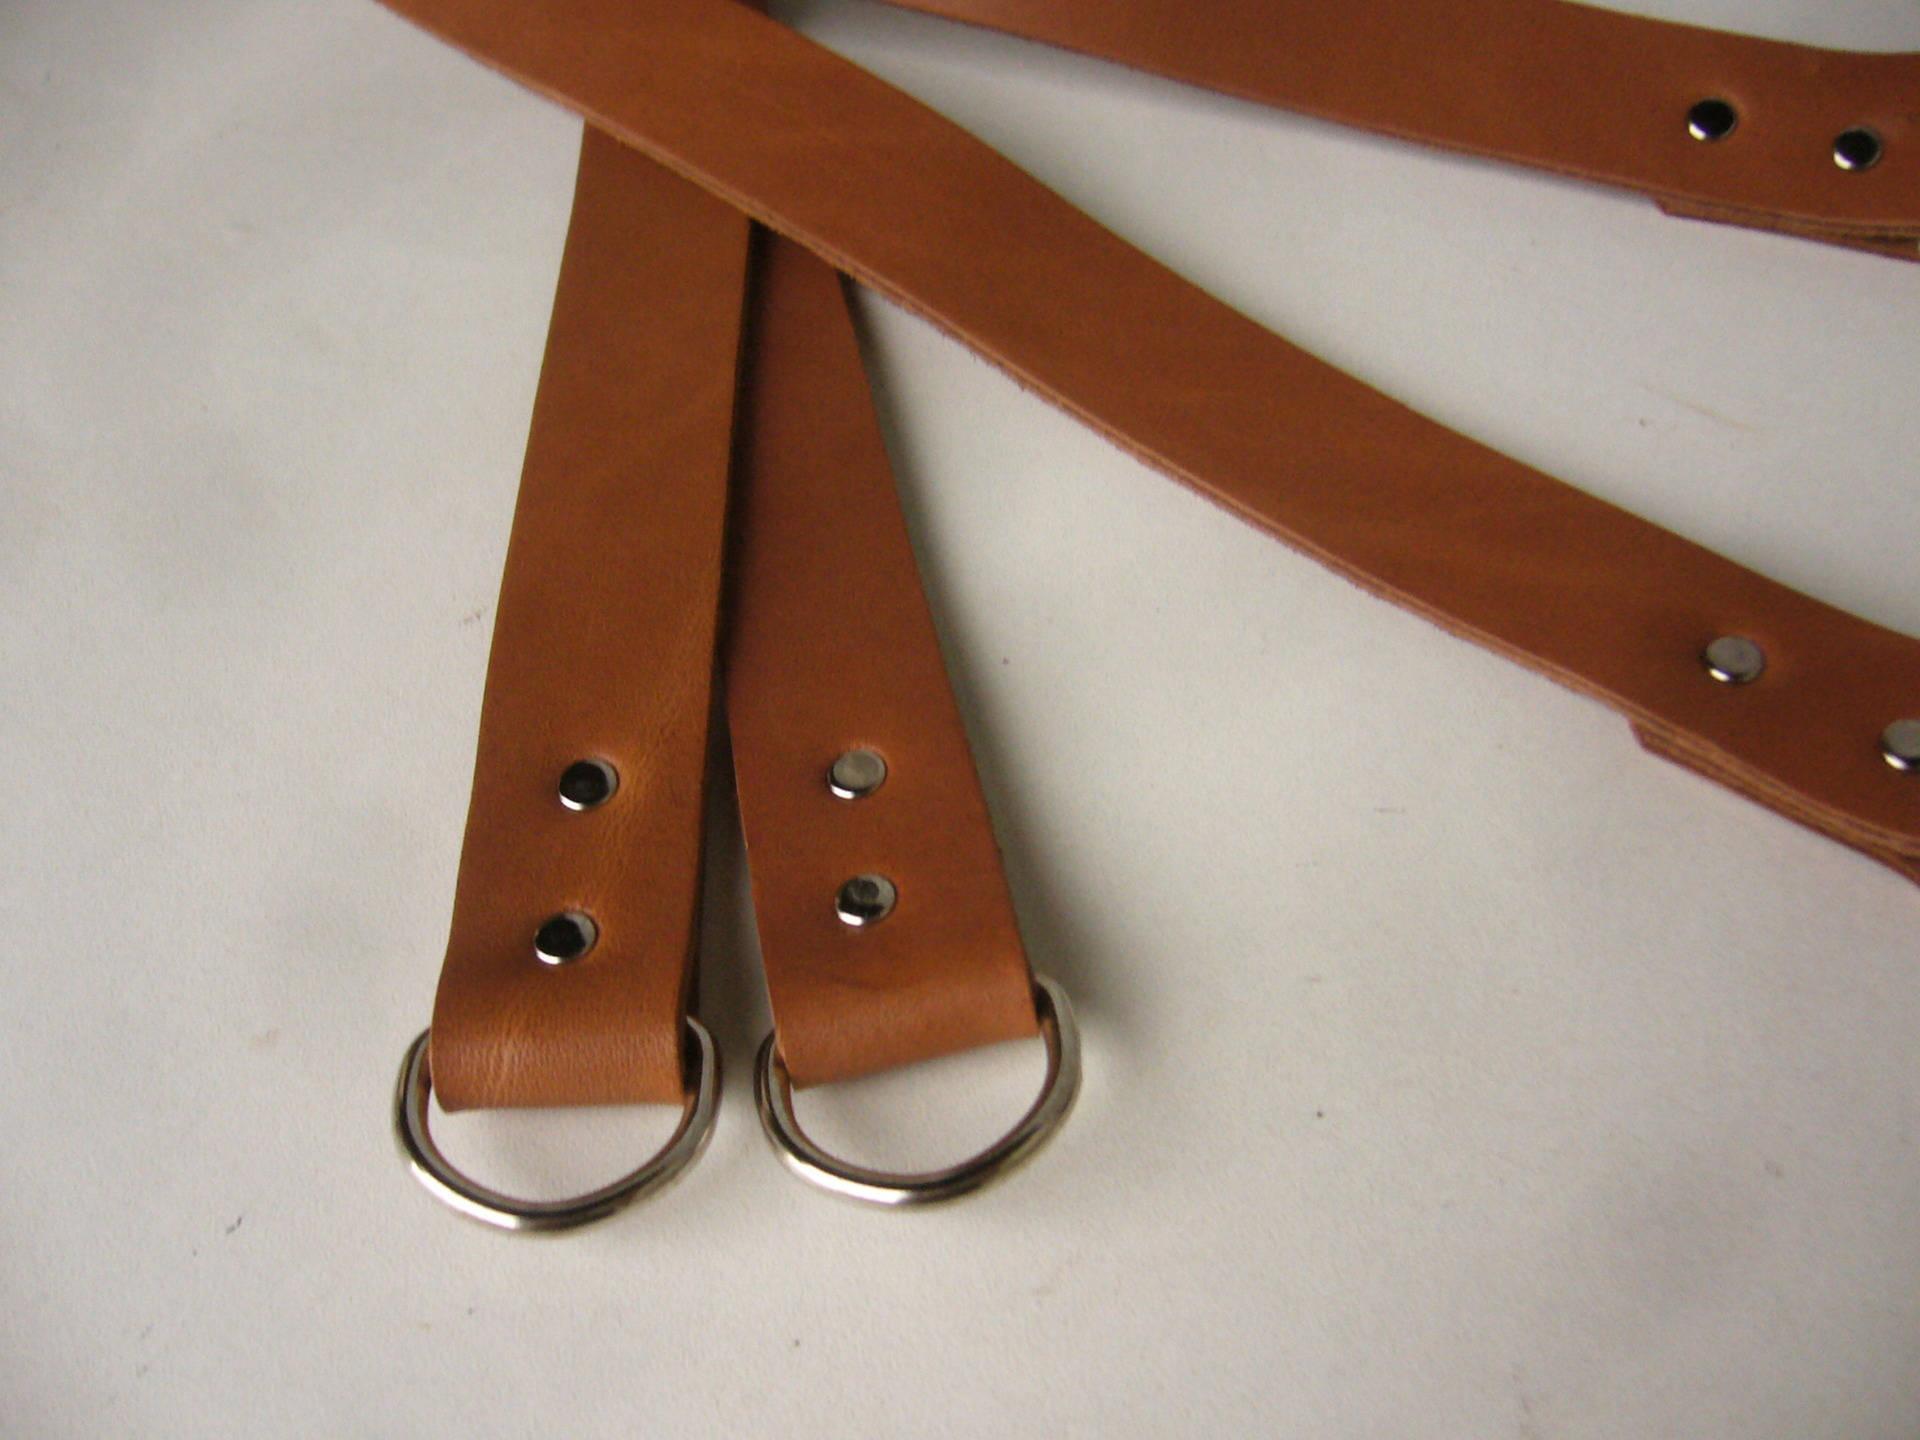 Anses poignées pour sac en cuir souple noisette 45x2 cm (paire)